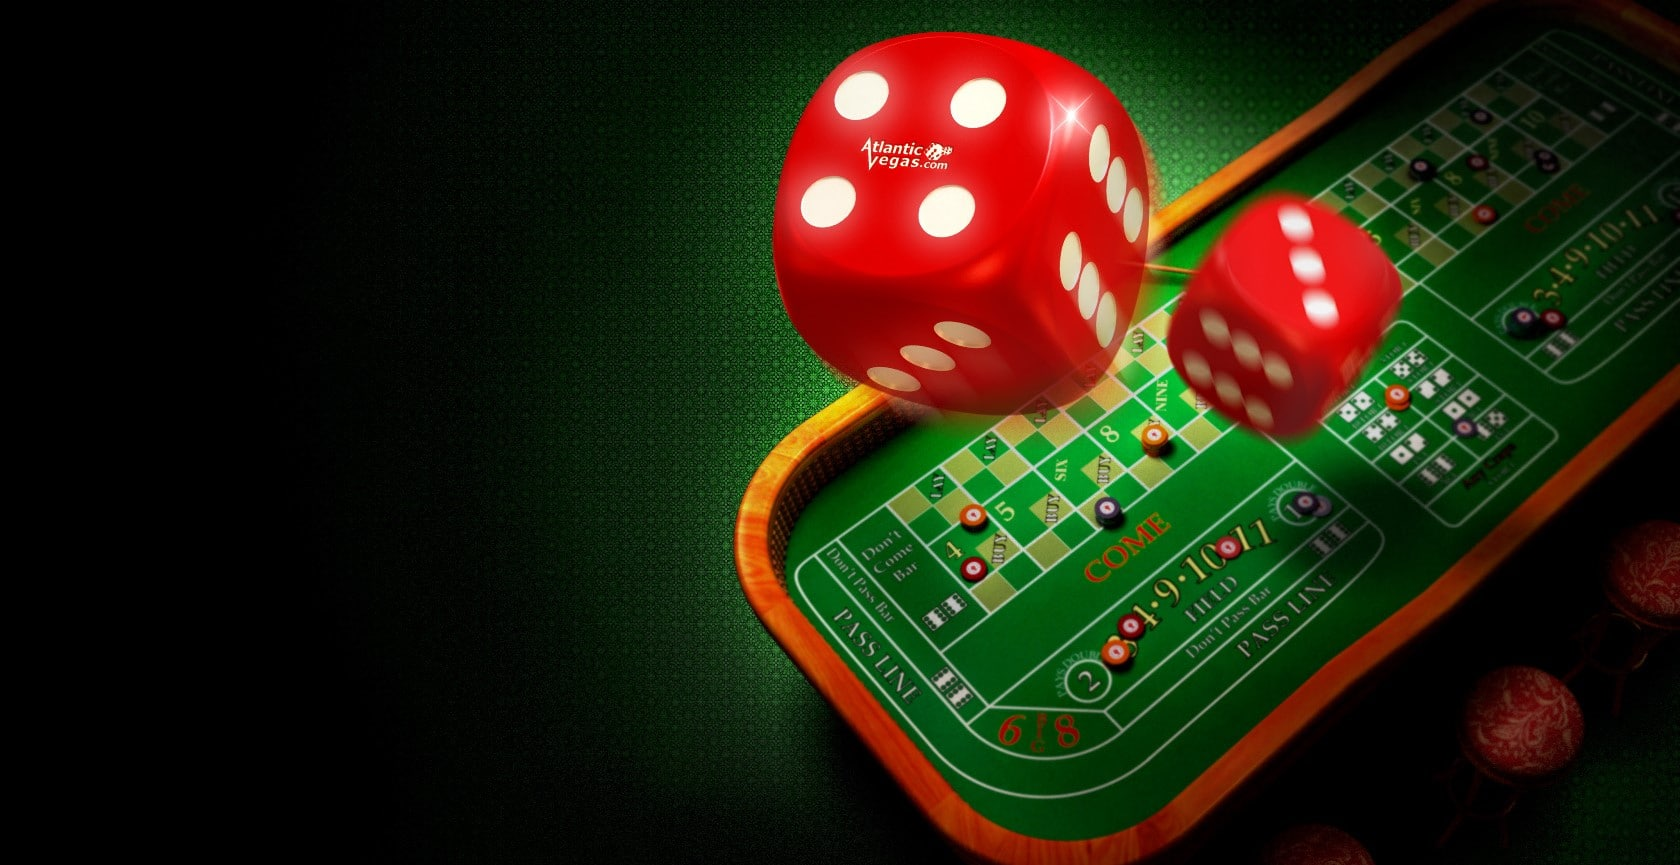 casino siteleri deneme bonusu nedir